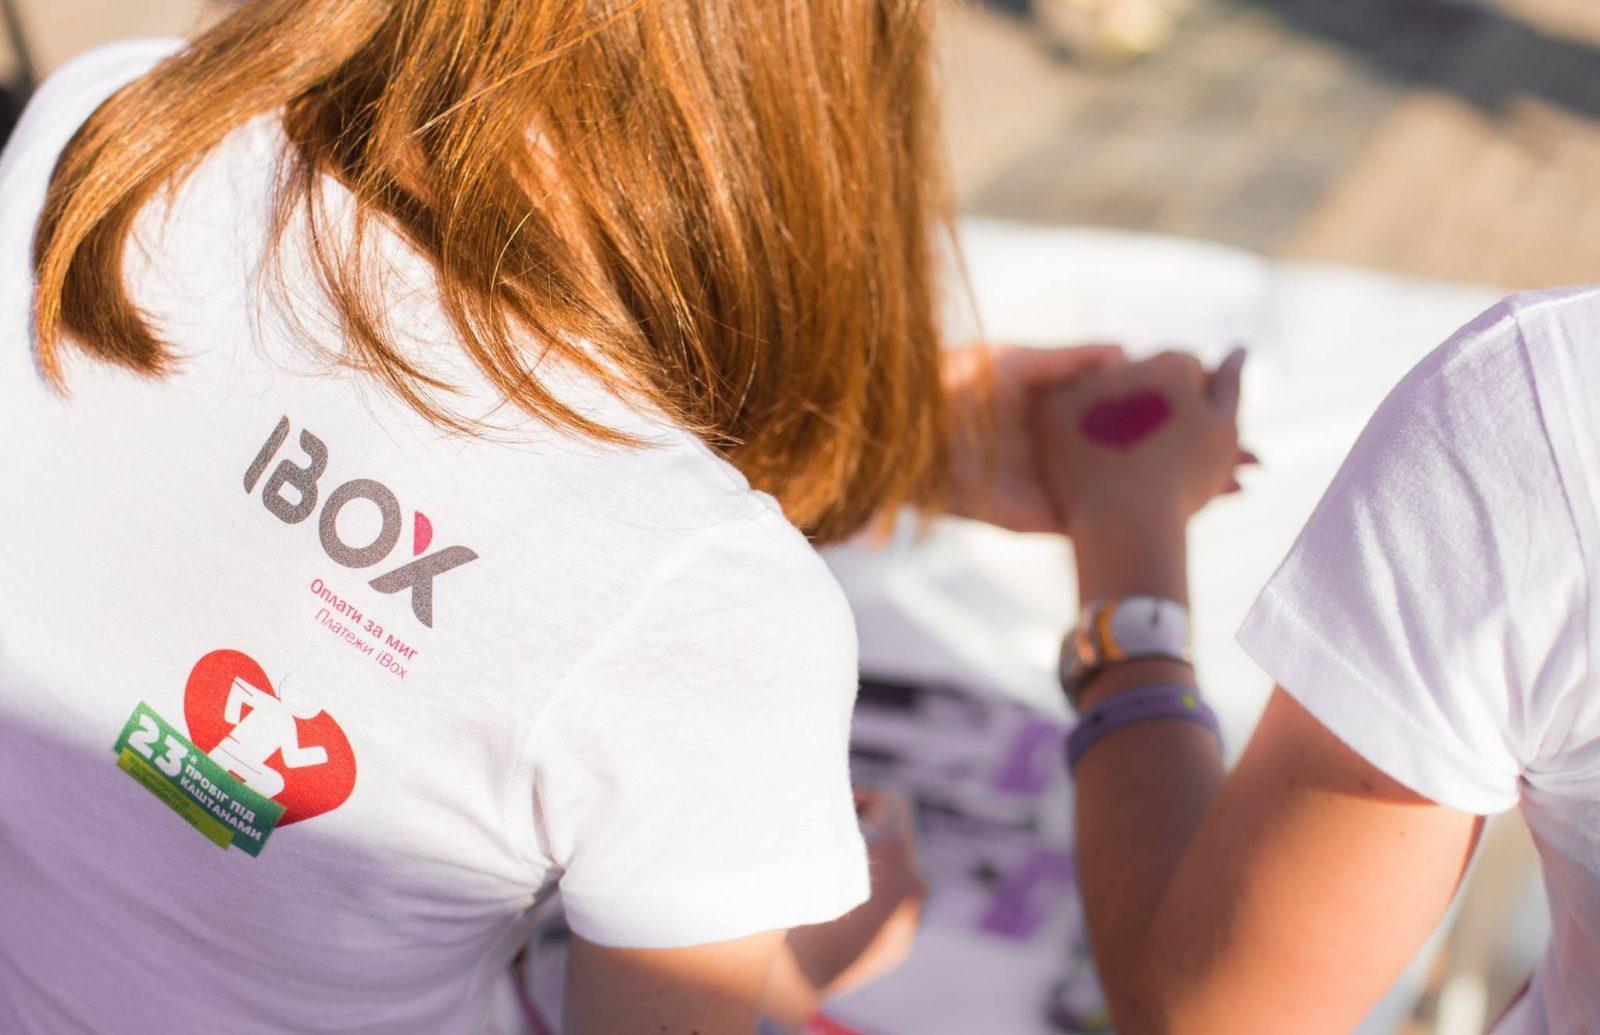 «Пробіг під каштанами» та IВox – п'ять років партнерства!